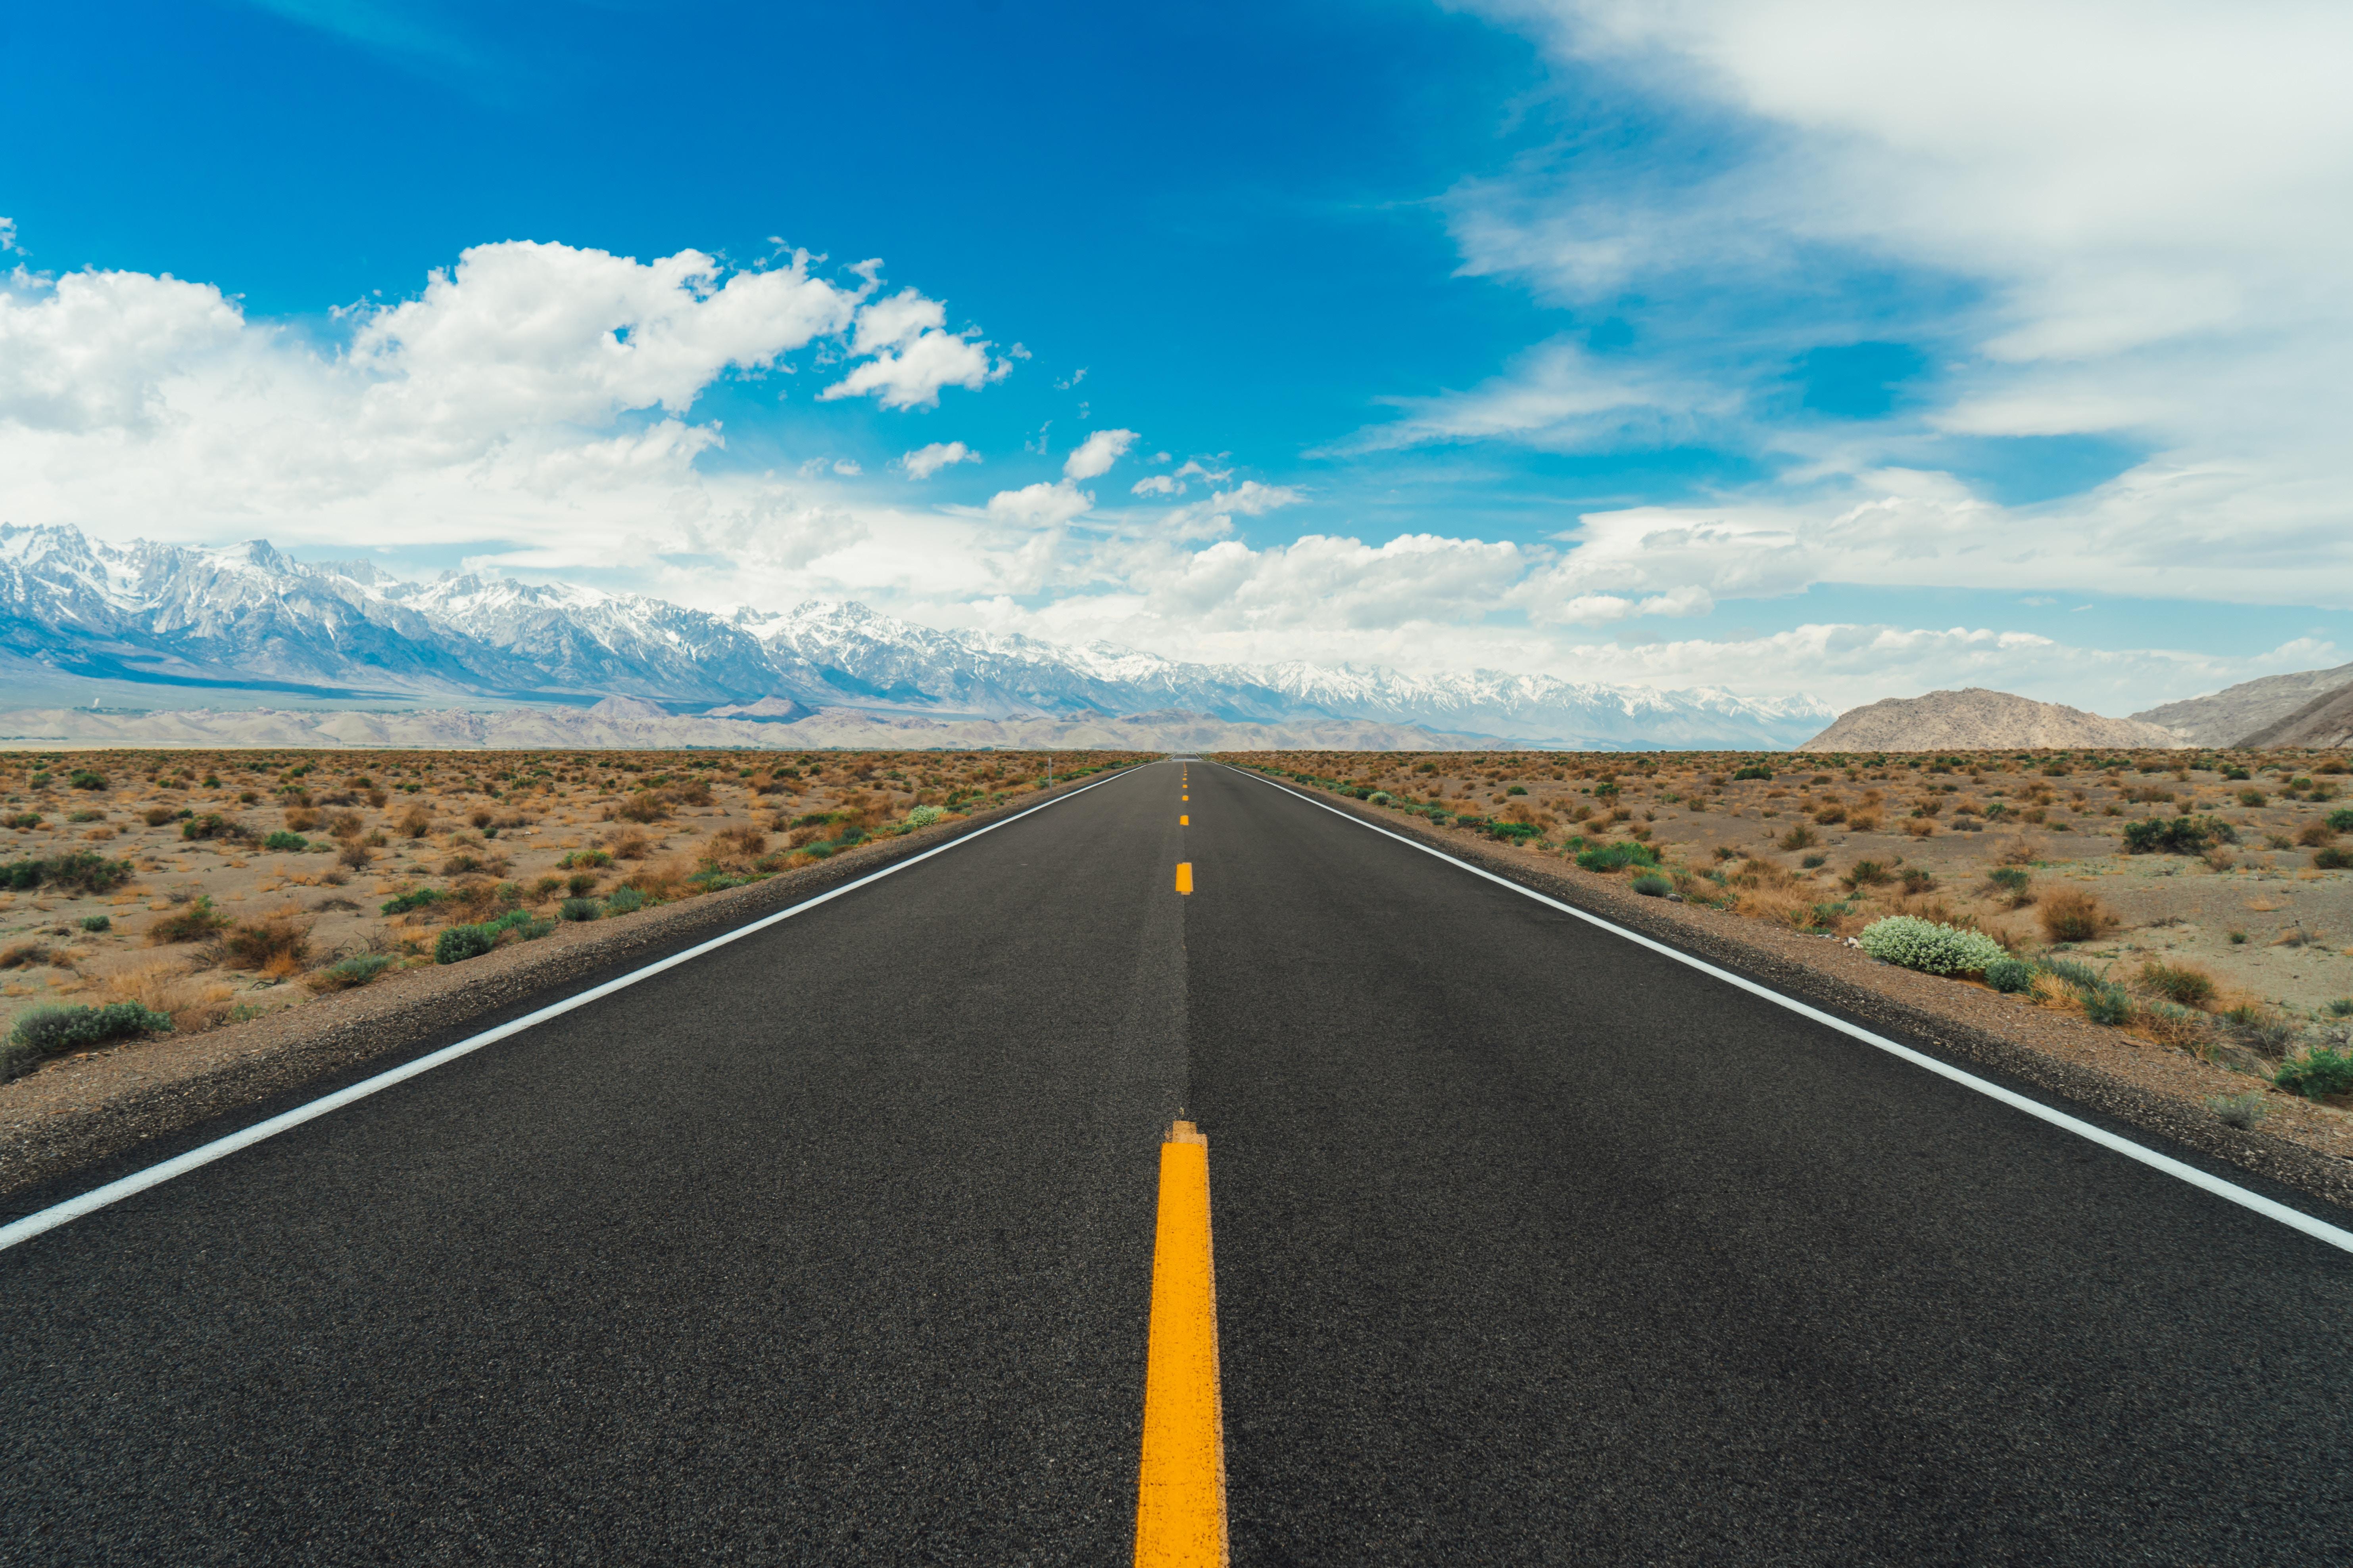 142583 Заставки и Обои Пустыня на телефон. Скачать Дорога, Природа, Горы, Пустыня, Горизонт, Асфальт, Даль картинки бесплатно